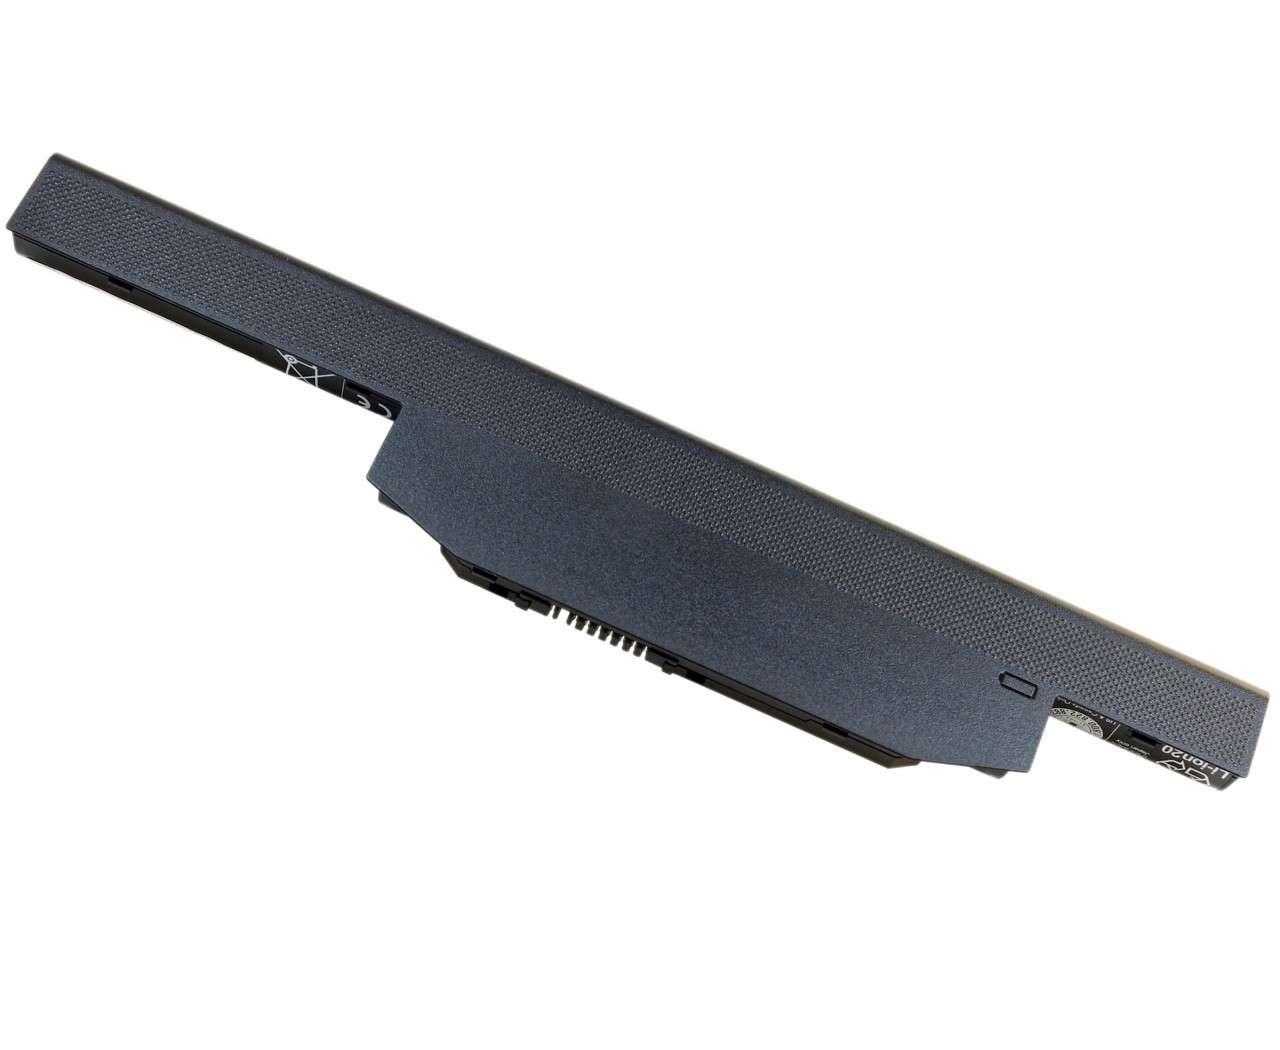 Baterie Fujitsu FPCBP405 Originala 63Wh imagine powerlaptop.ro 2021